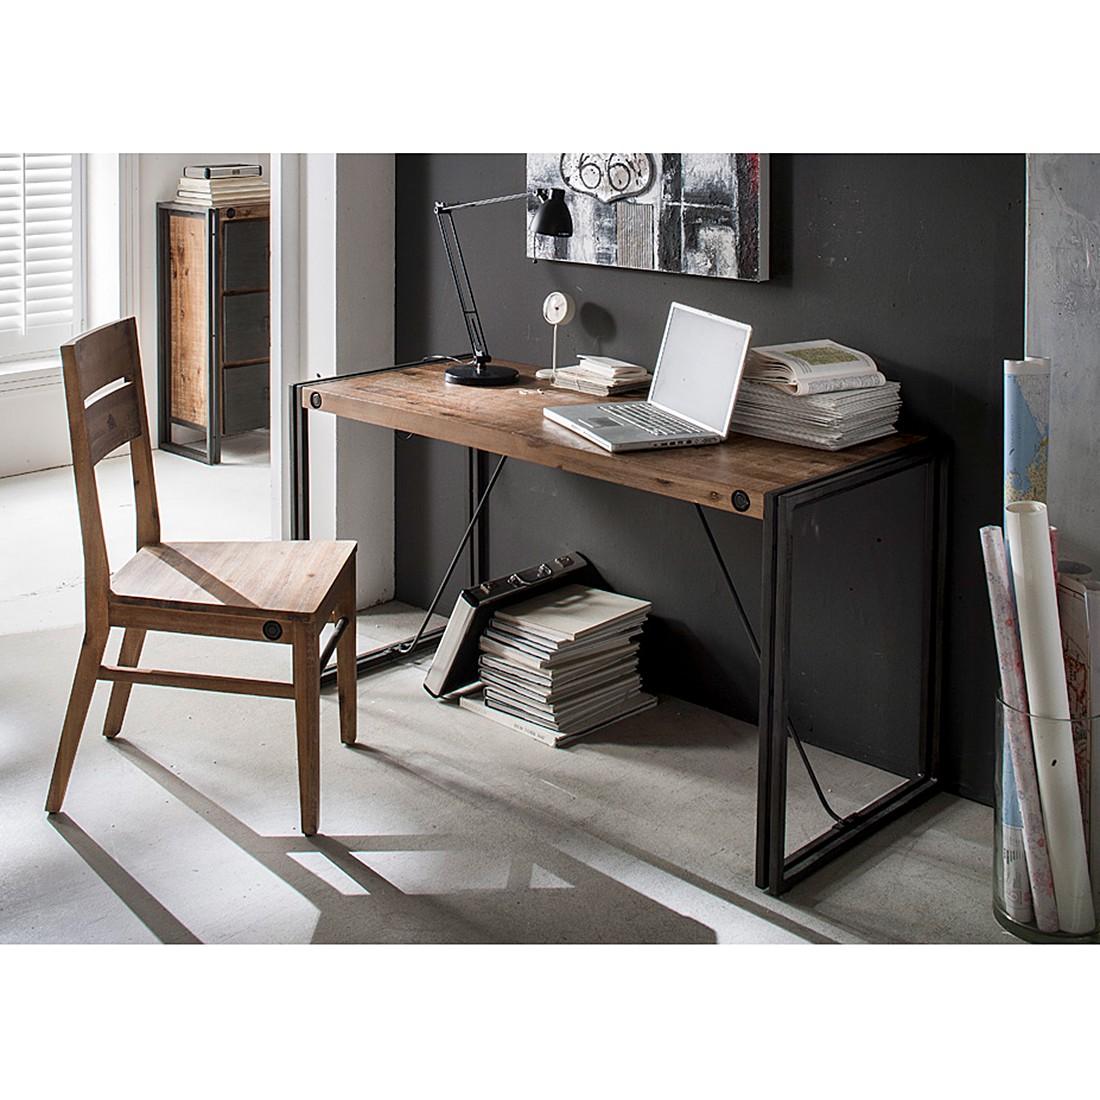 Schreibtisch Industrial schreibtisch manchester aus massiver akazie metall home24